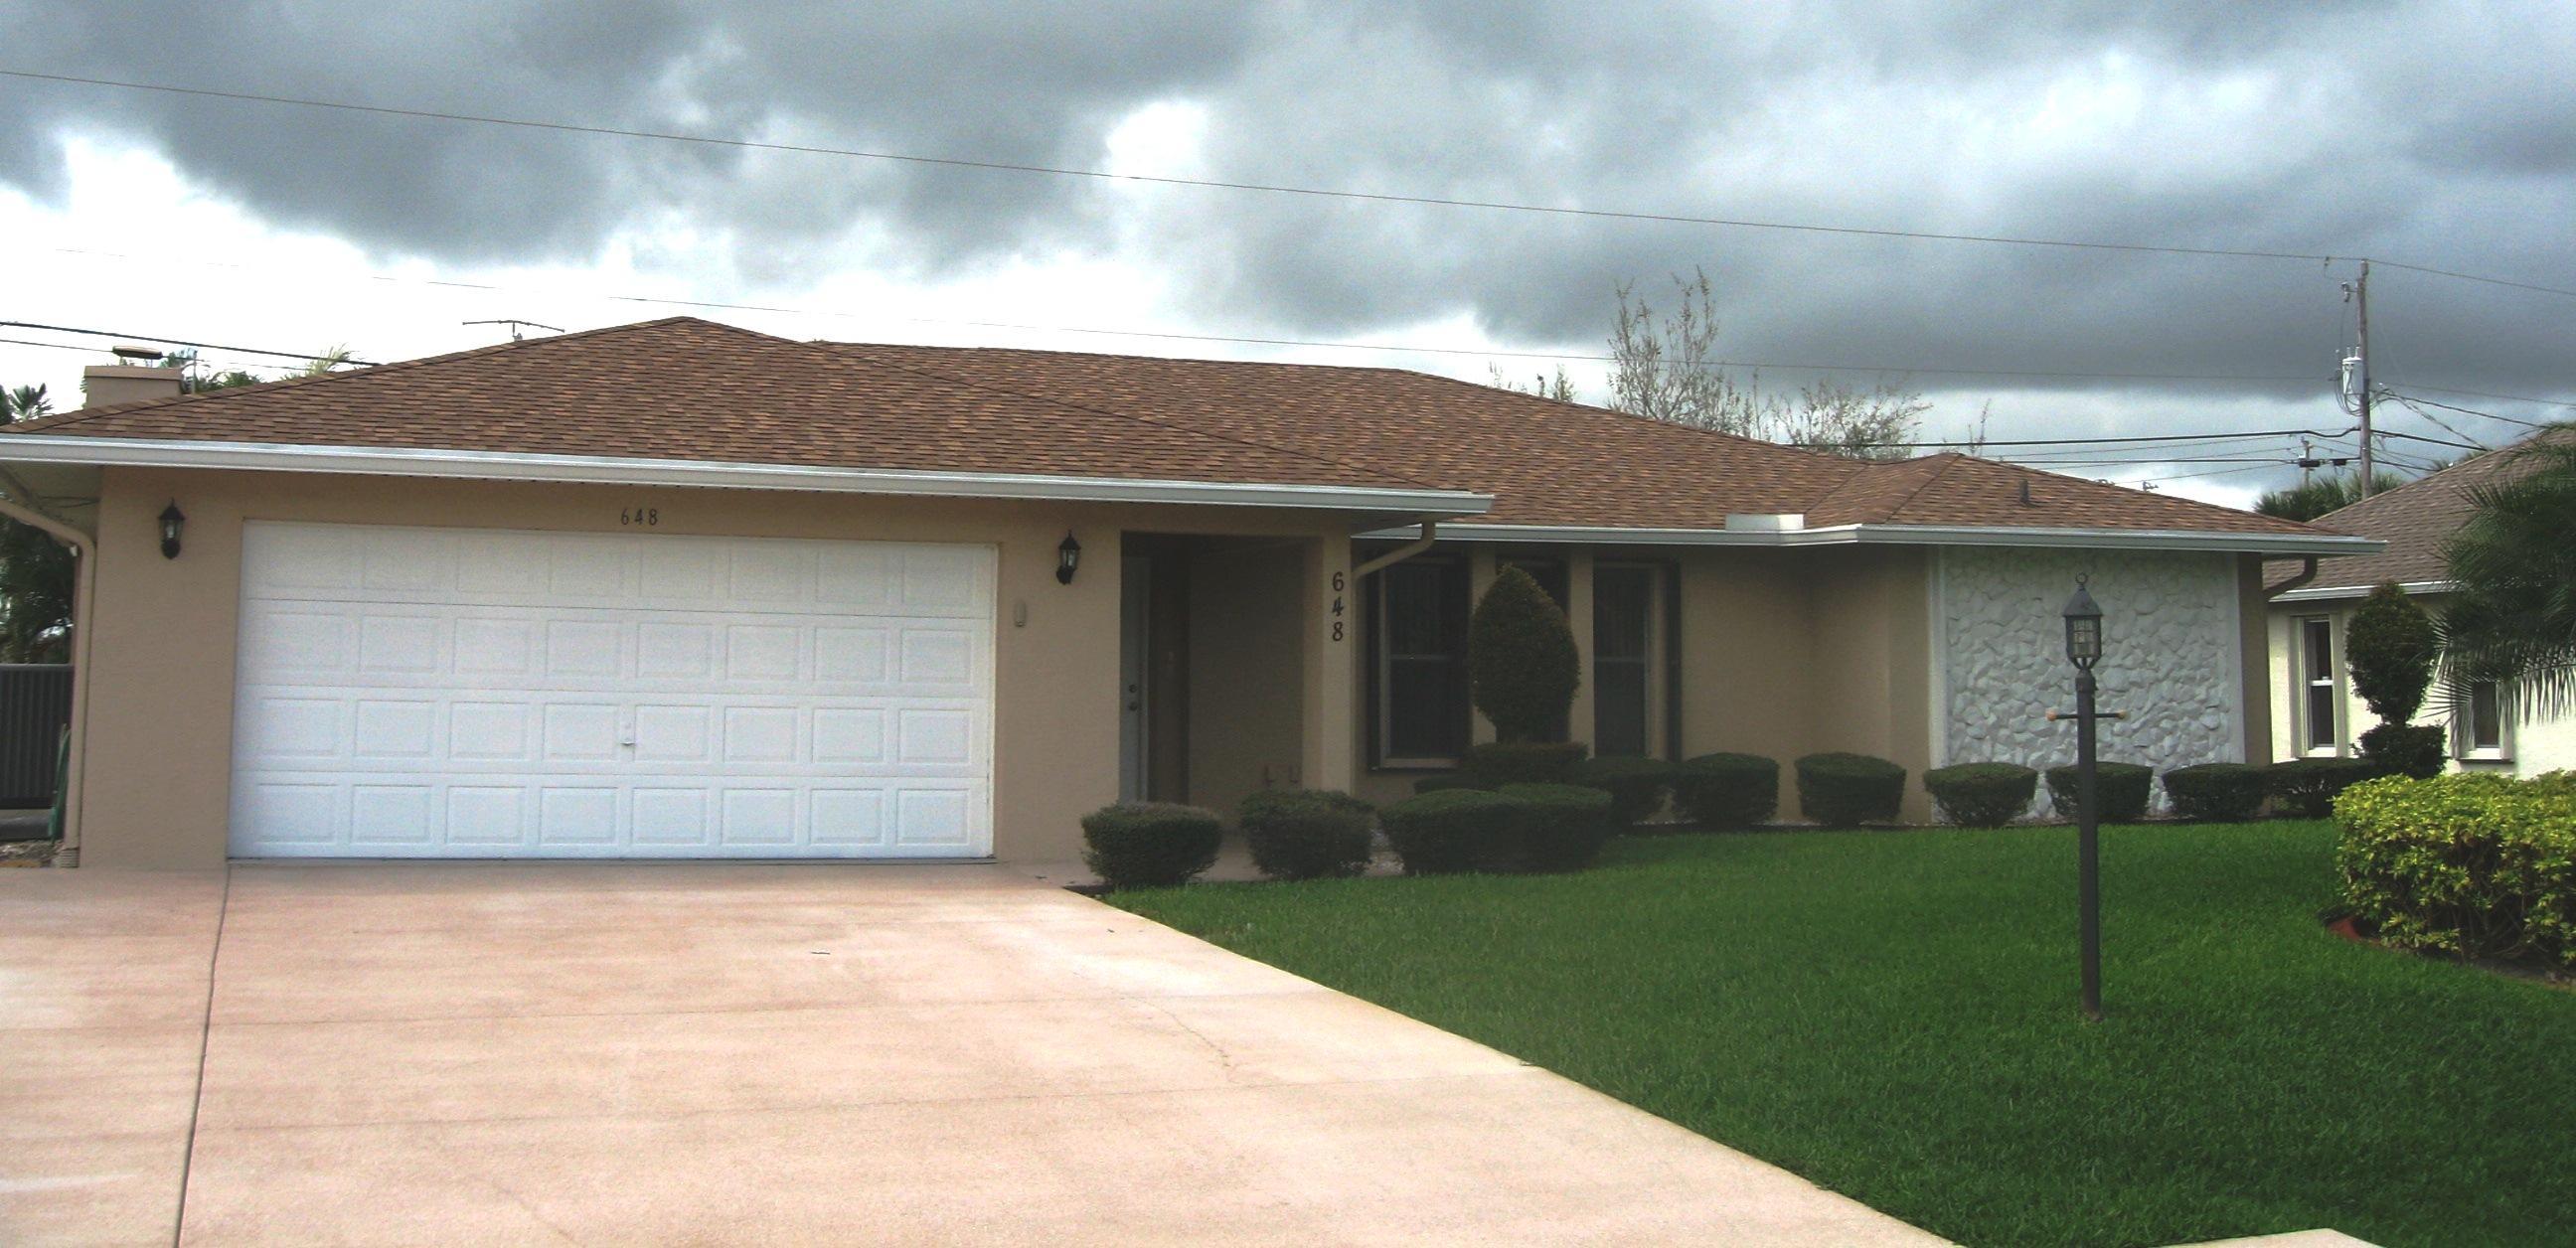 648 SE Stow Terrace, Port Saint Lucie, Florida